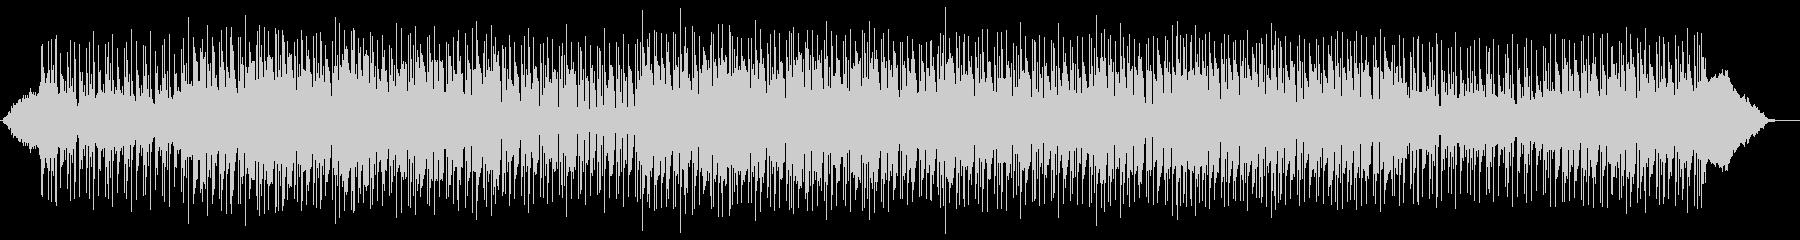 落ち着き広がりのあるシンセサイザーの曲の未再生の波形